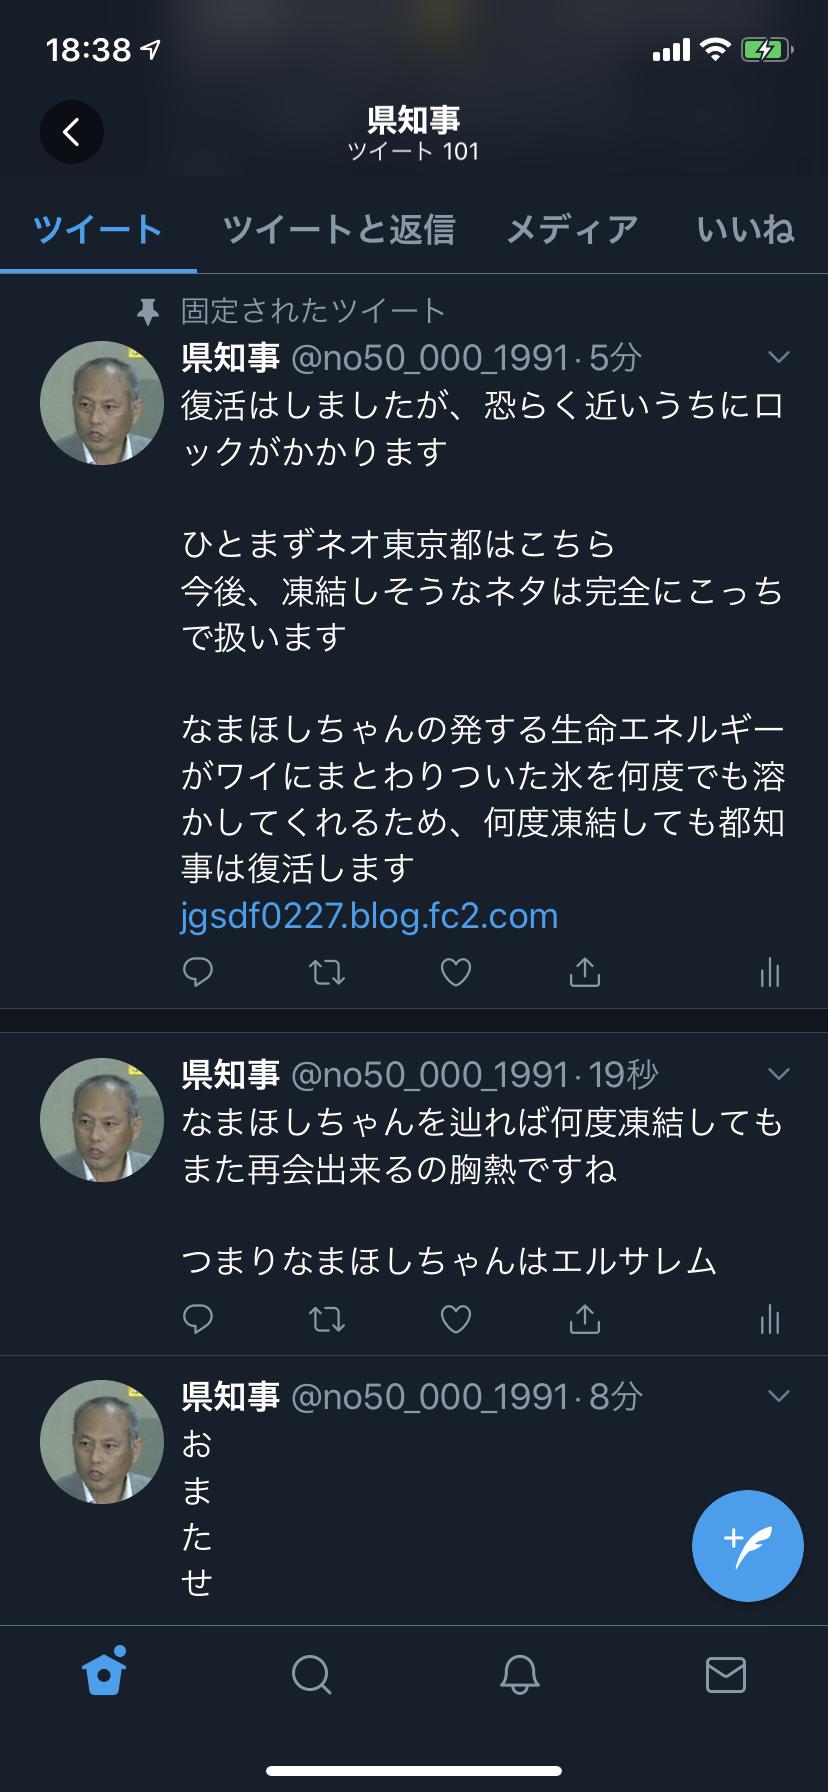 20191207183958ef1.png